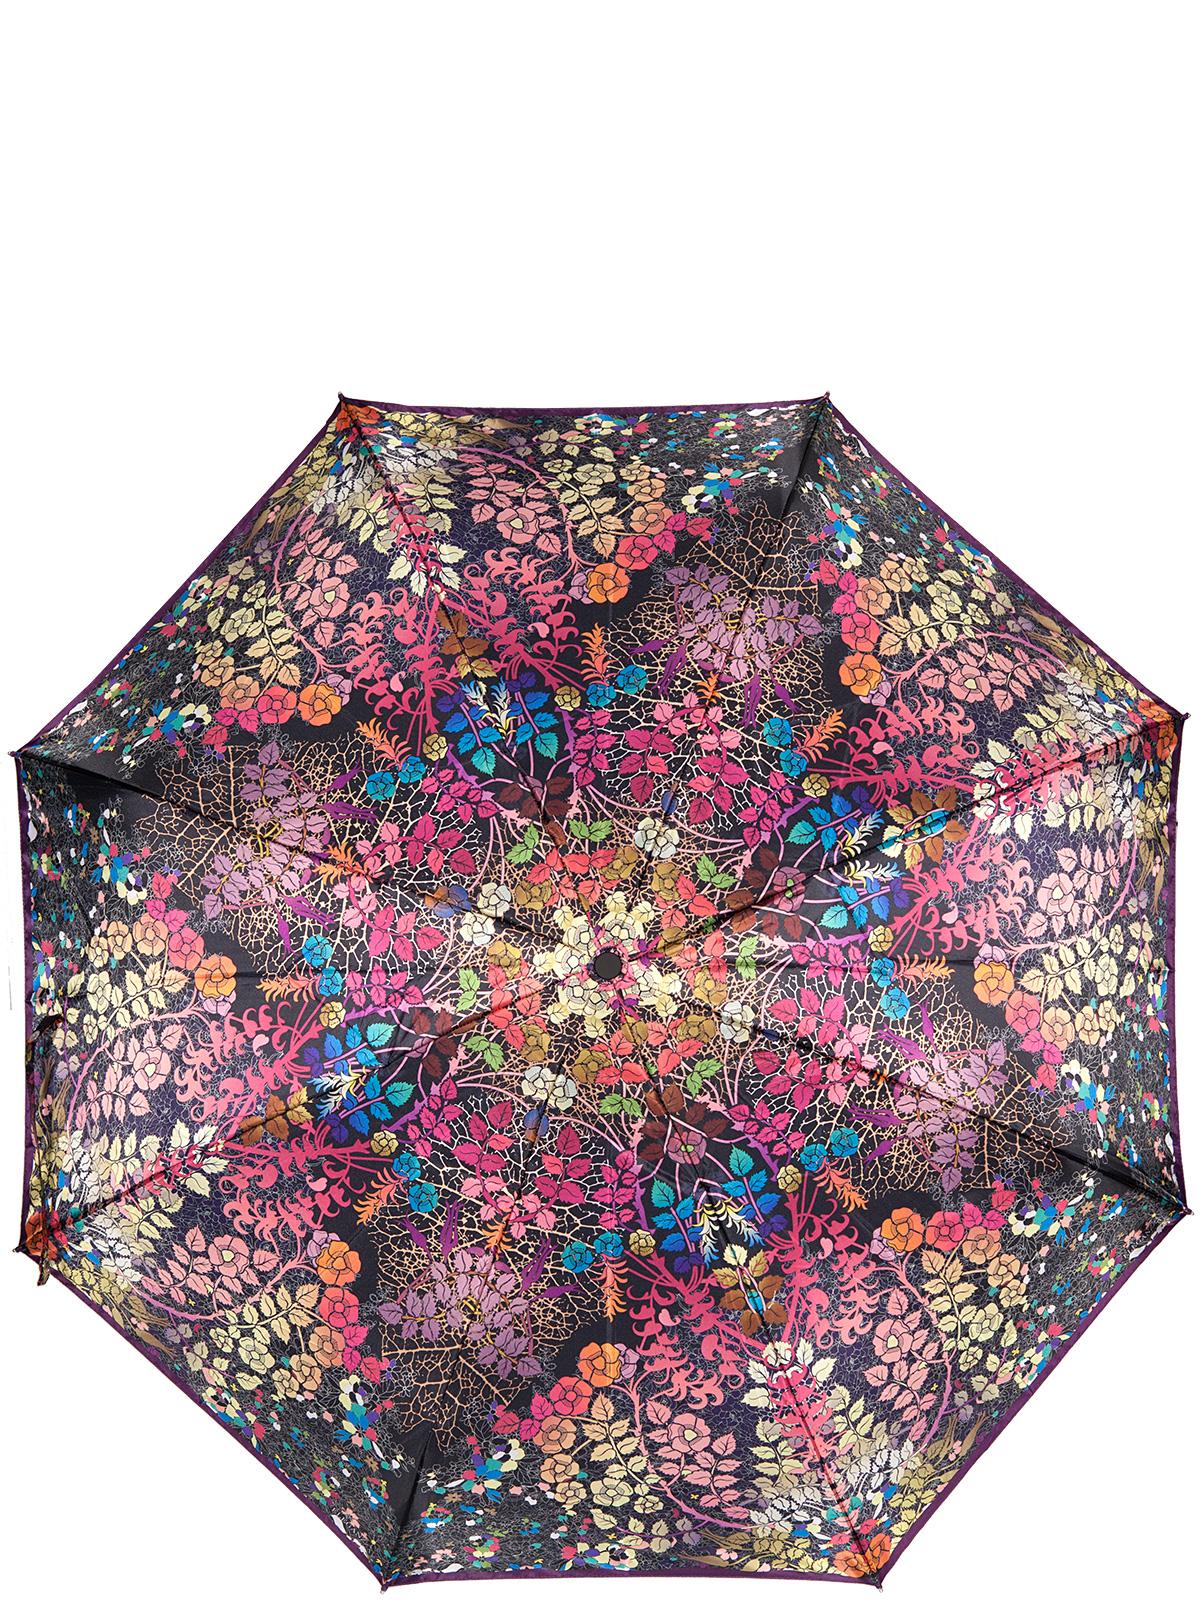 Зонт женский Eleganzza, цвет: черный. A3-05-0311LSA3-05-0311LSЖенский зонт-автомат торговой марки Eleganzza с каркасом Smart, который позволяет без особых усилий складывать зонт, не позволяя стержню вылетать обратно. Купол: 100% полиэстер, сатин. Материал каркаса: сталь + фибергласс. Материал ручки: пластик. Длина изделия - 30 см. Диаметр купола - 105 см. Система Smart, не позволяет стержню при сложении вылететь обратно, это облегчает сложение зонта! При сложении есть характерный звук-треск, как трещетка. Примечание: зонт не откроется с кнопки если его не закрыть до щелчка.